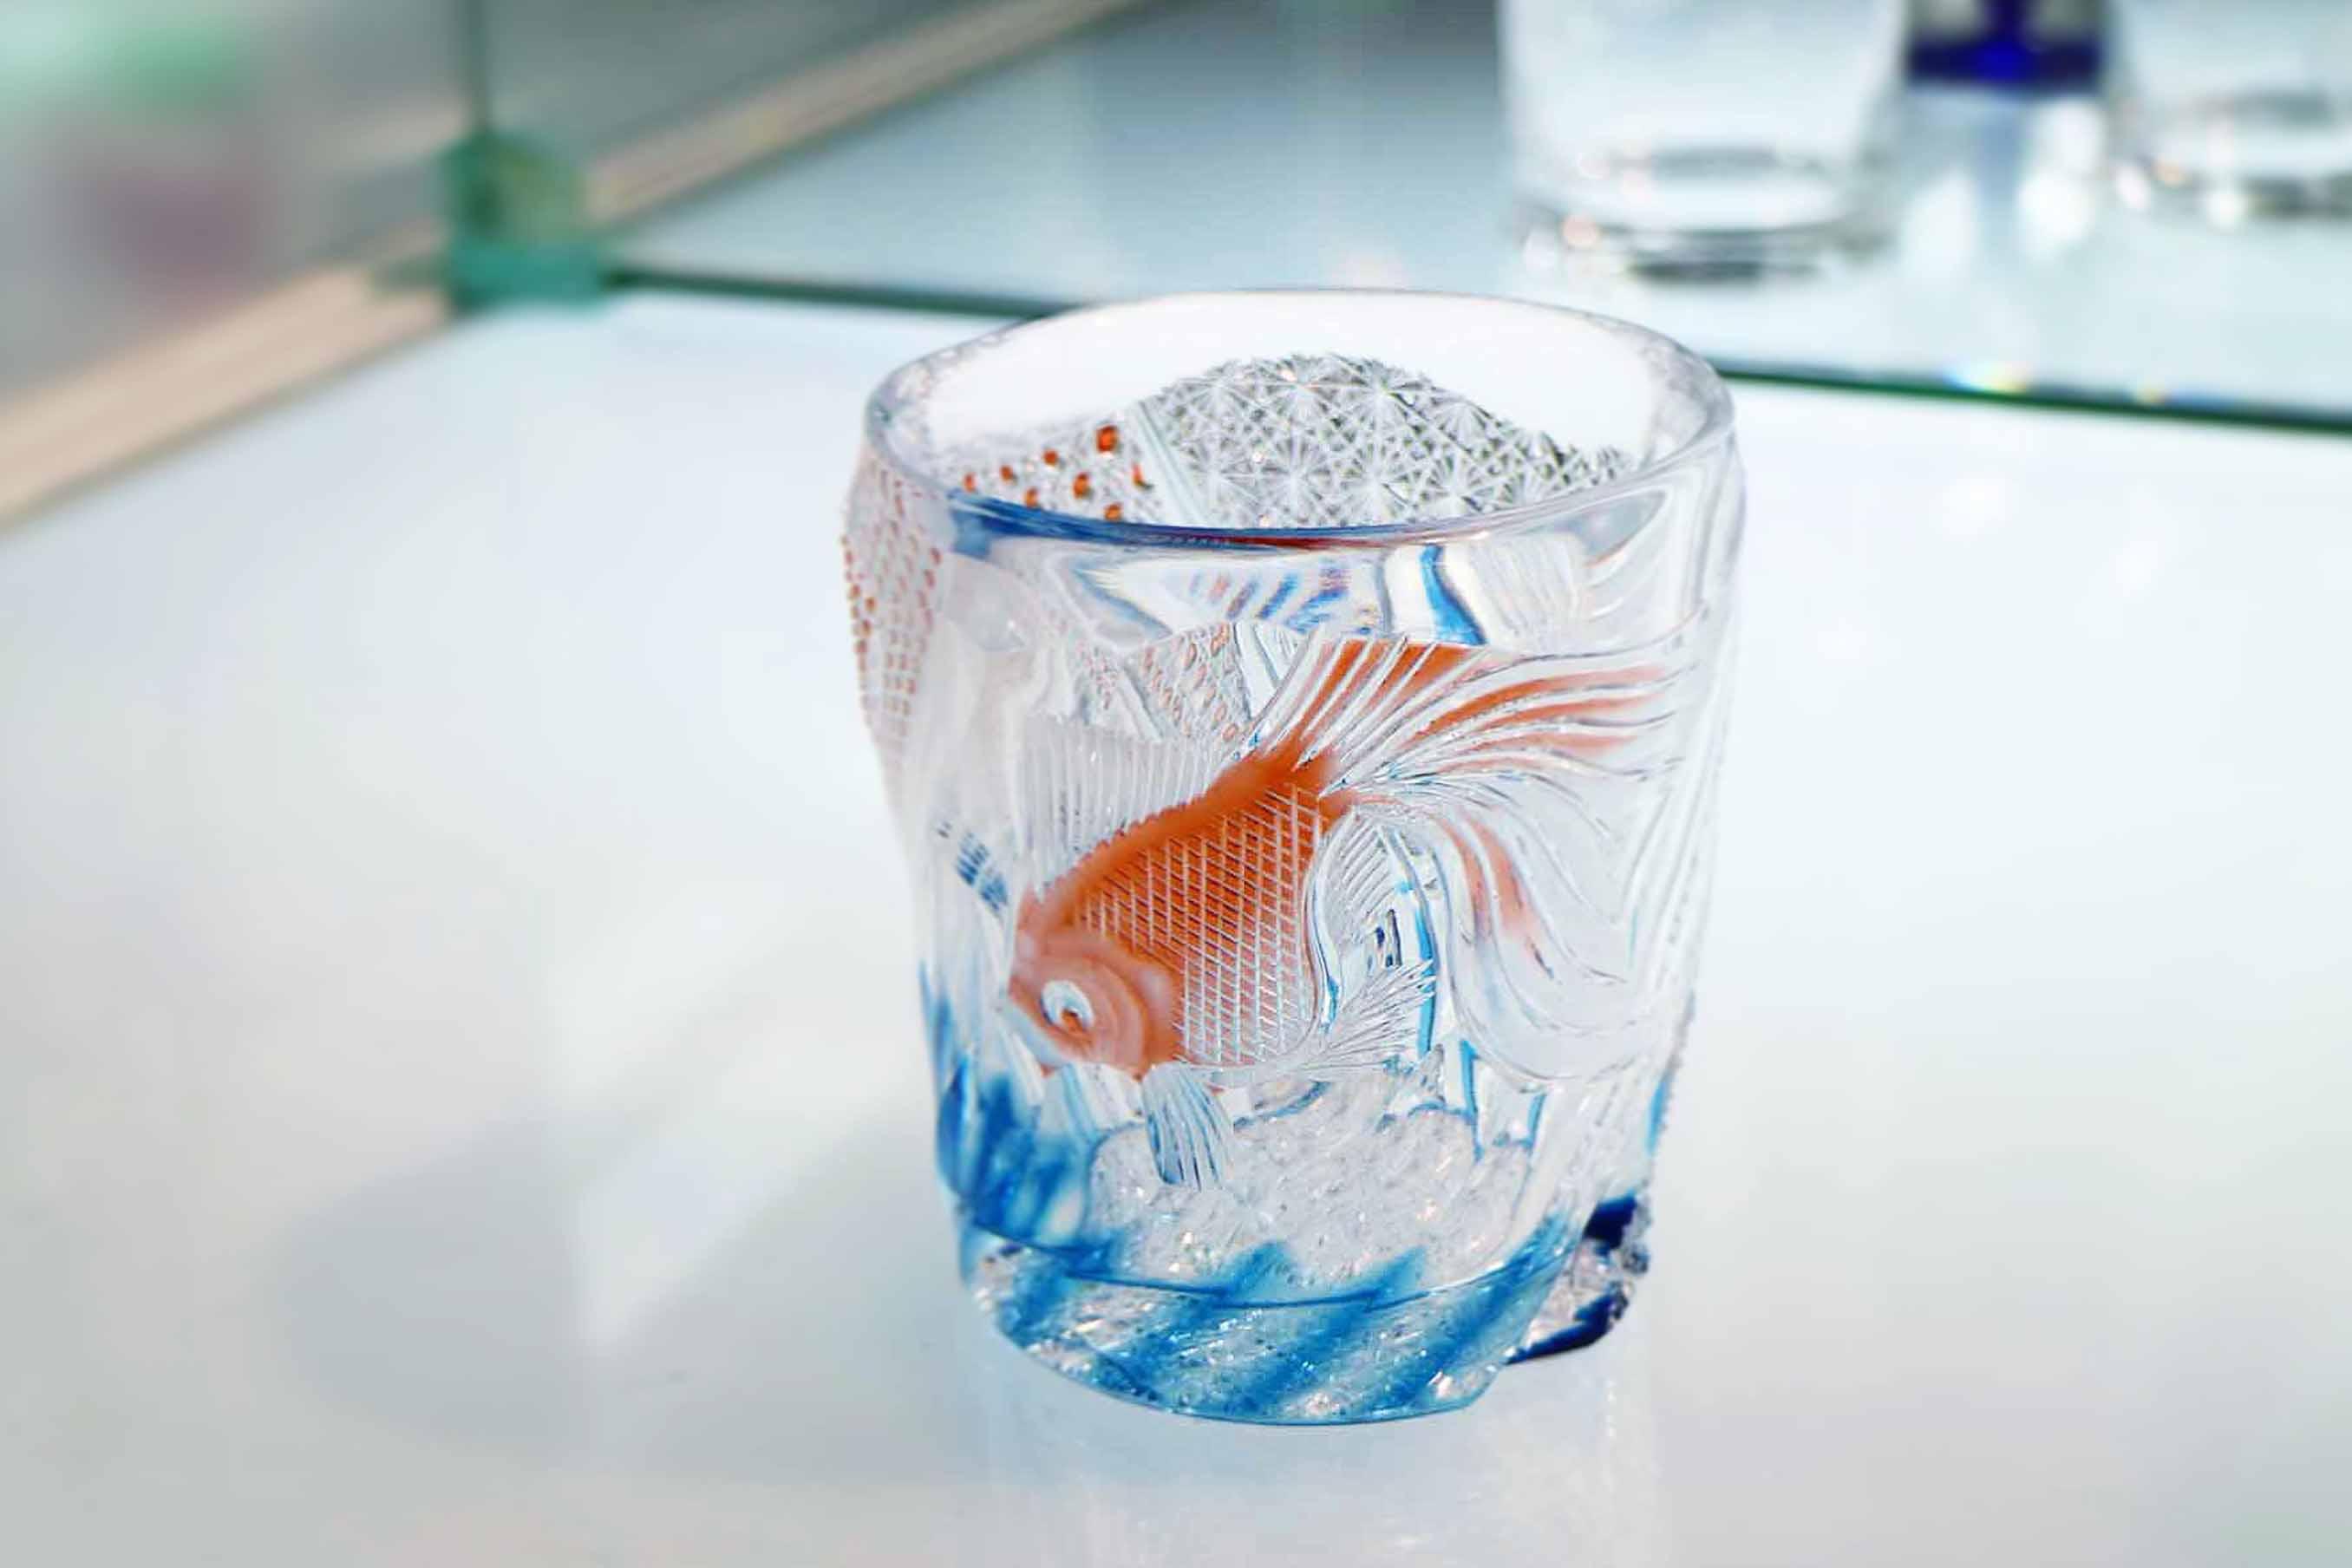 金魚のオールドグラス 75,600円 (税込)